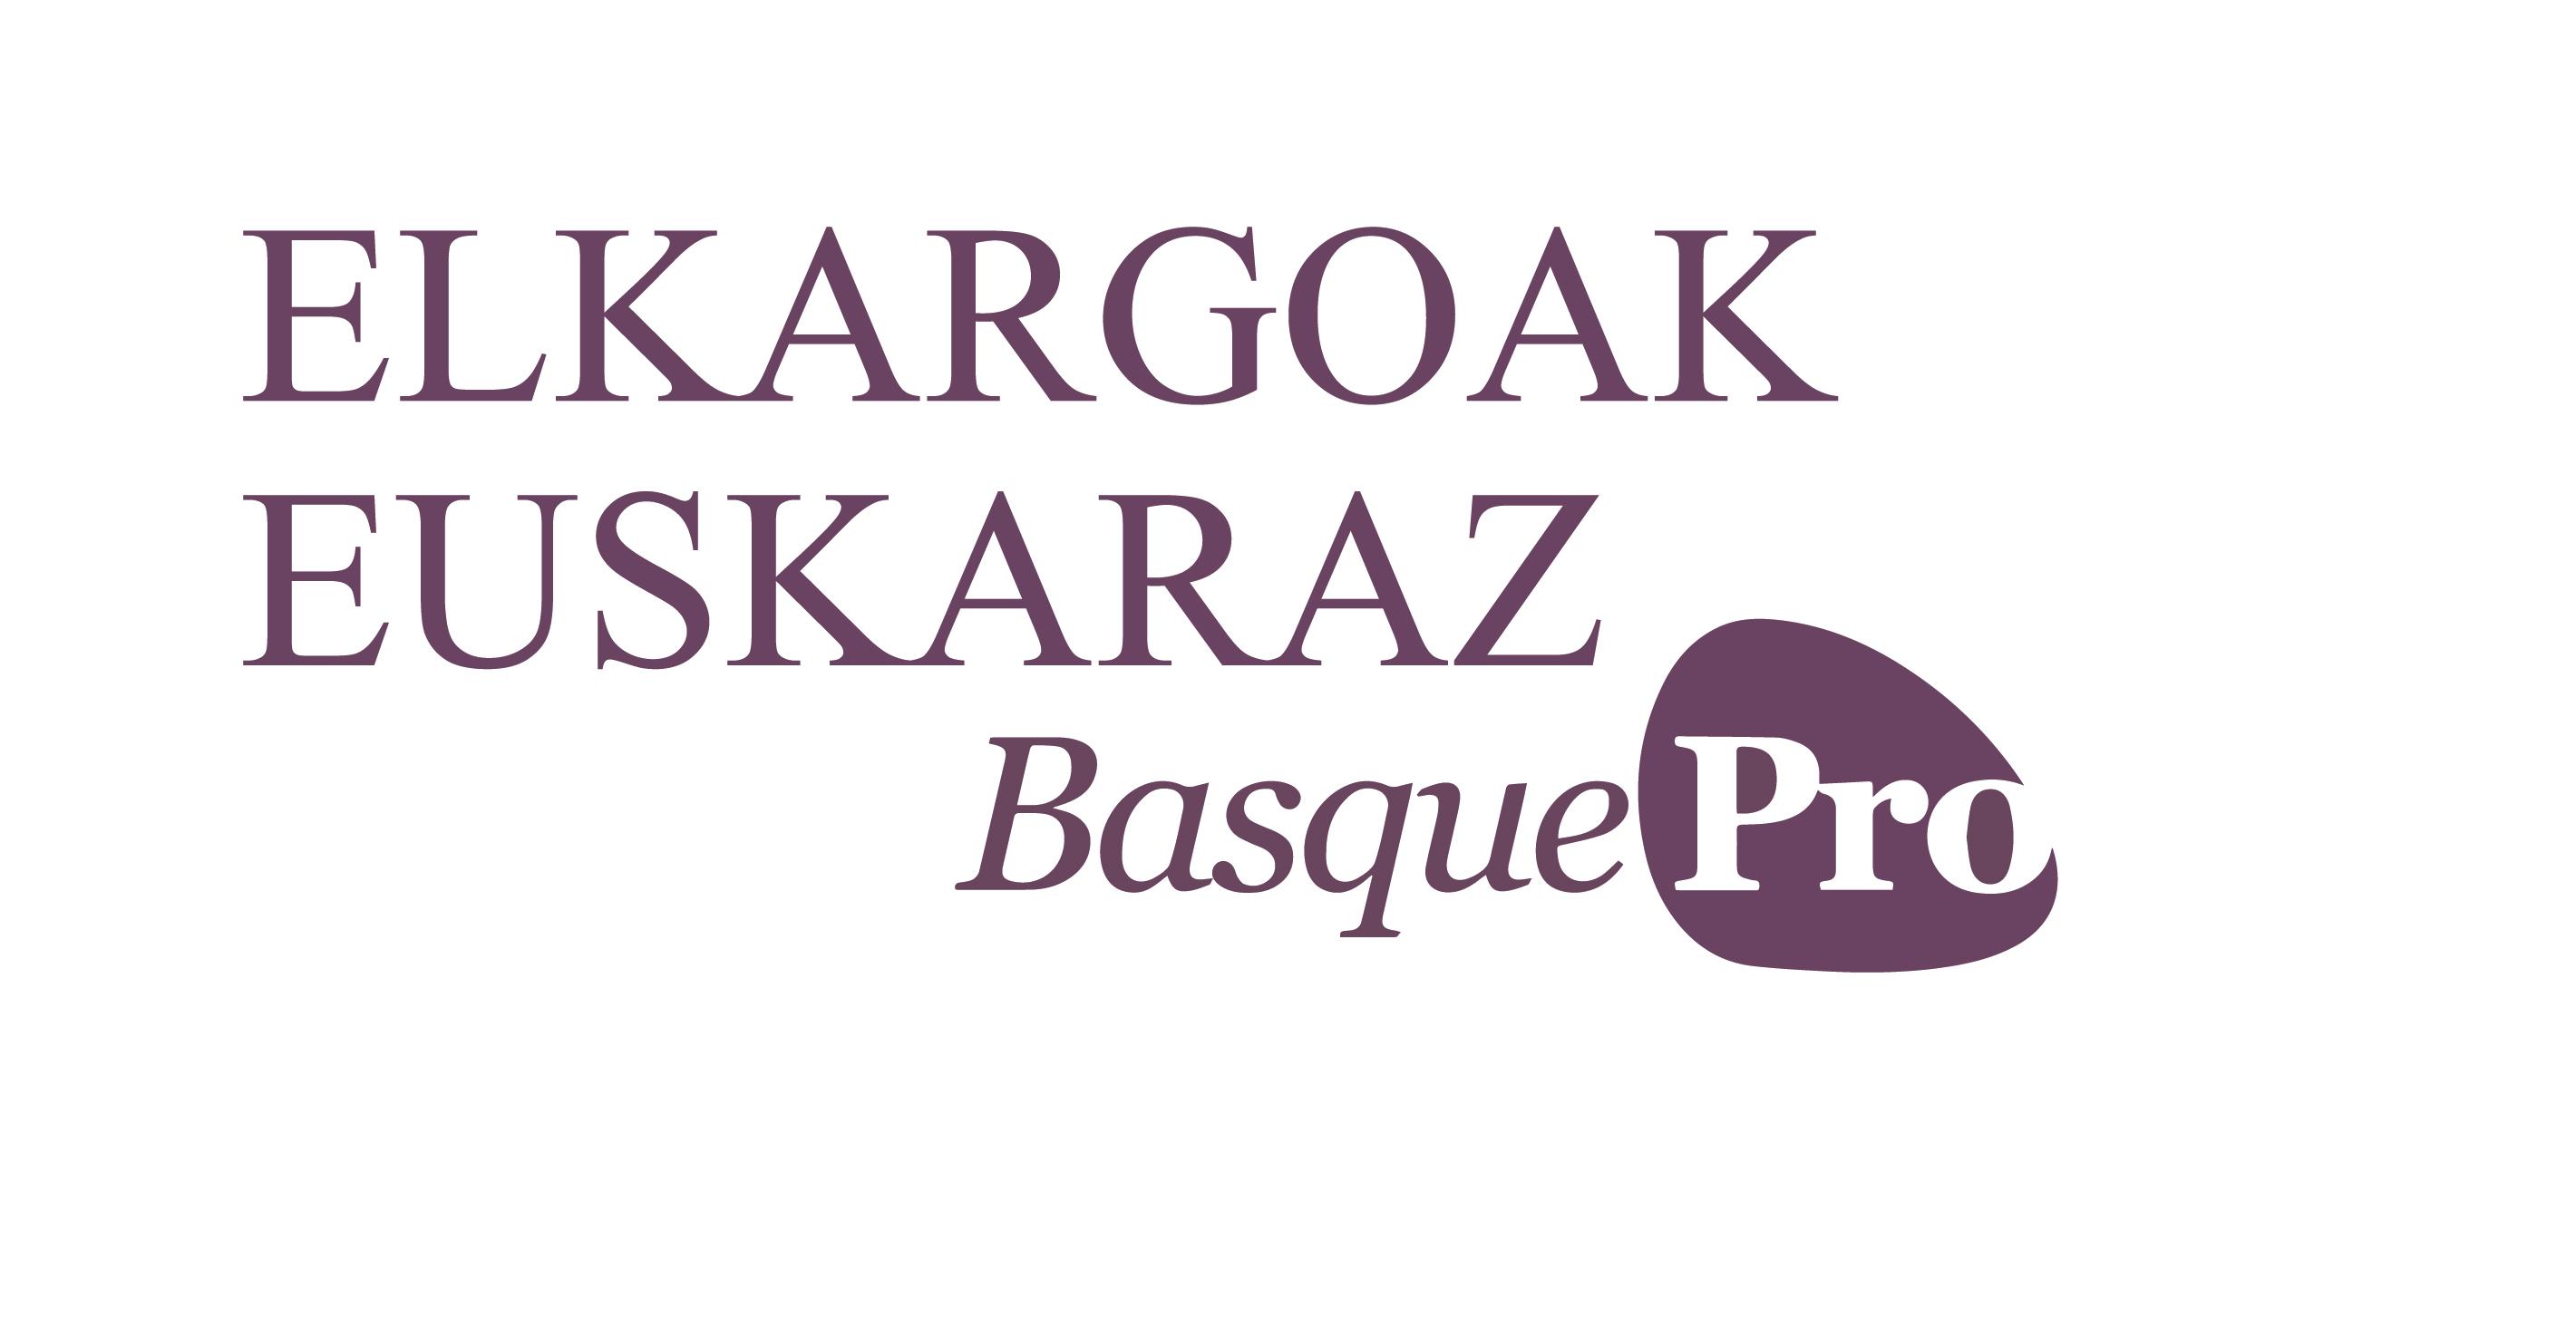 ELKARGOAK 3-03